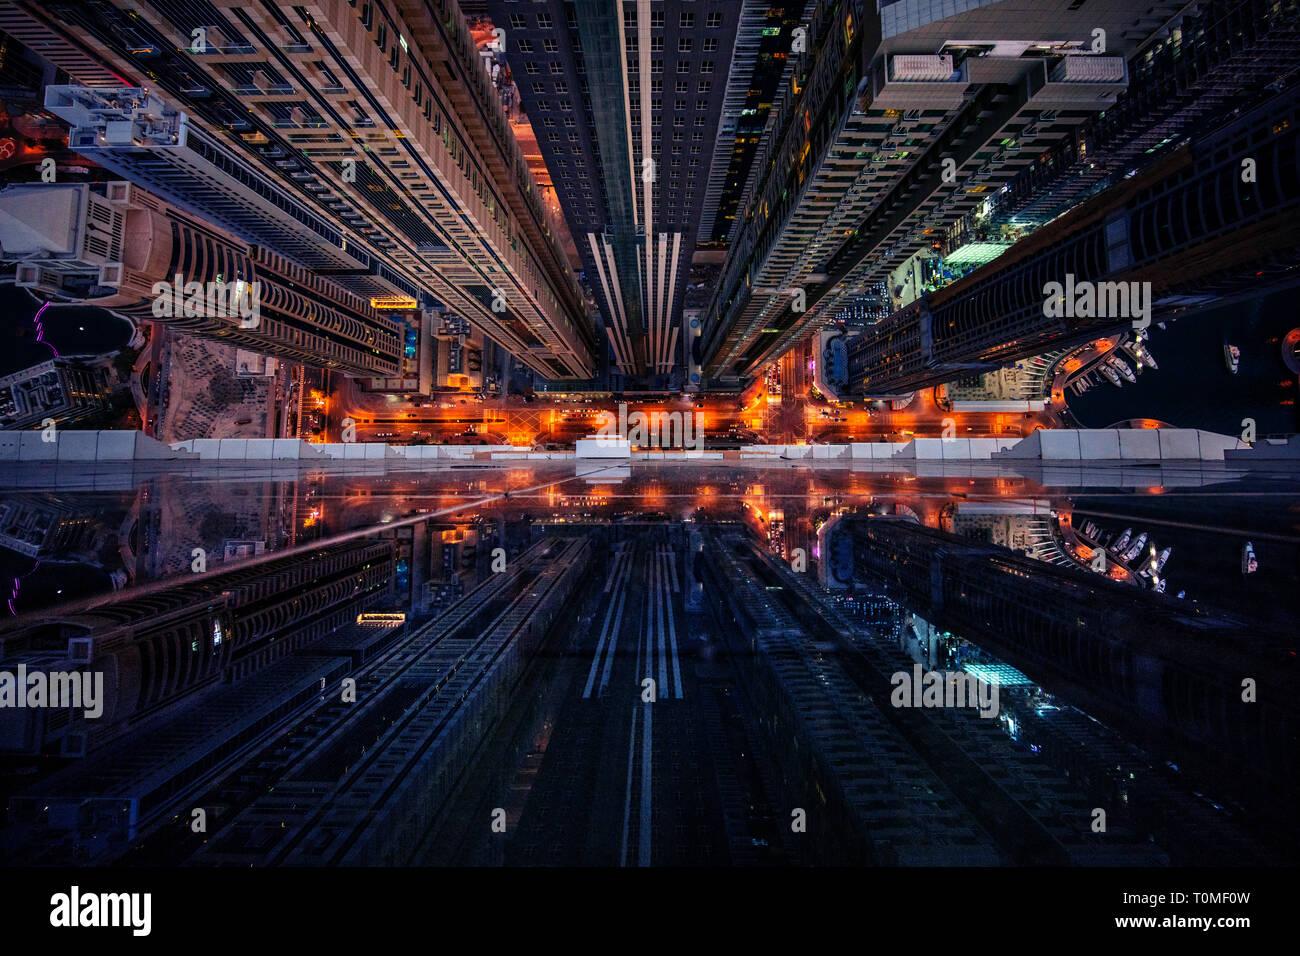 A perspective view of Dubai Marina, Dubai, UAE Stock Photo